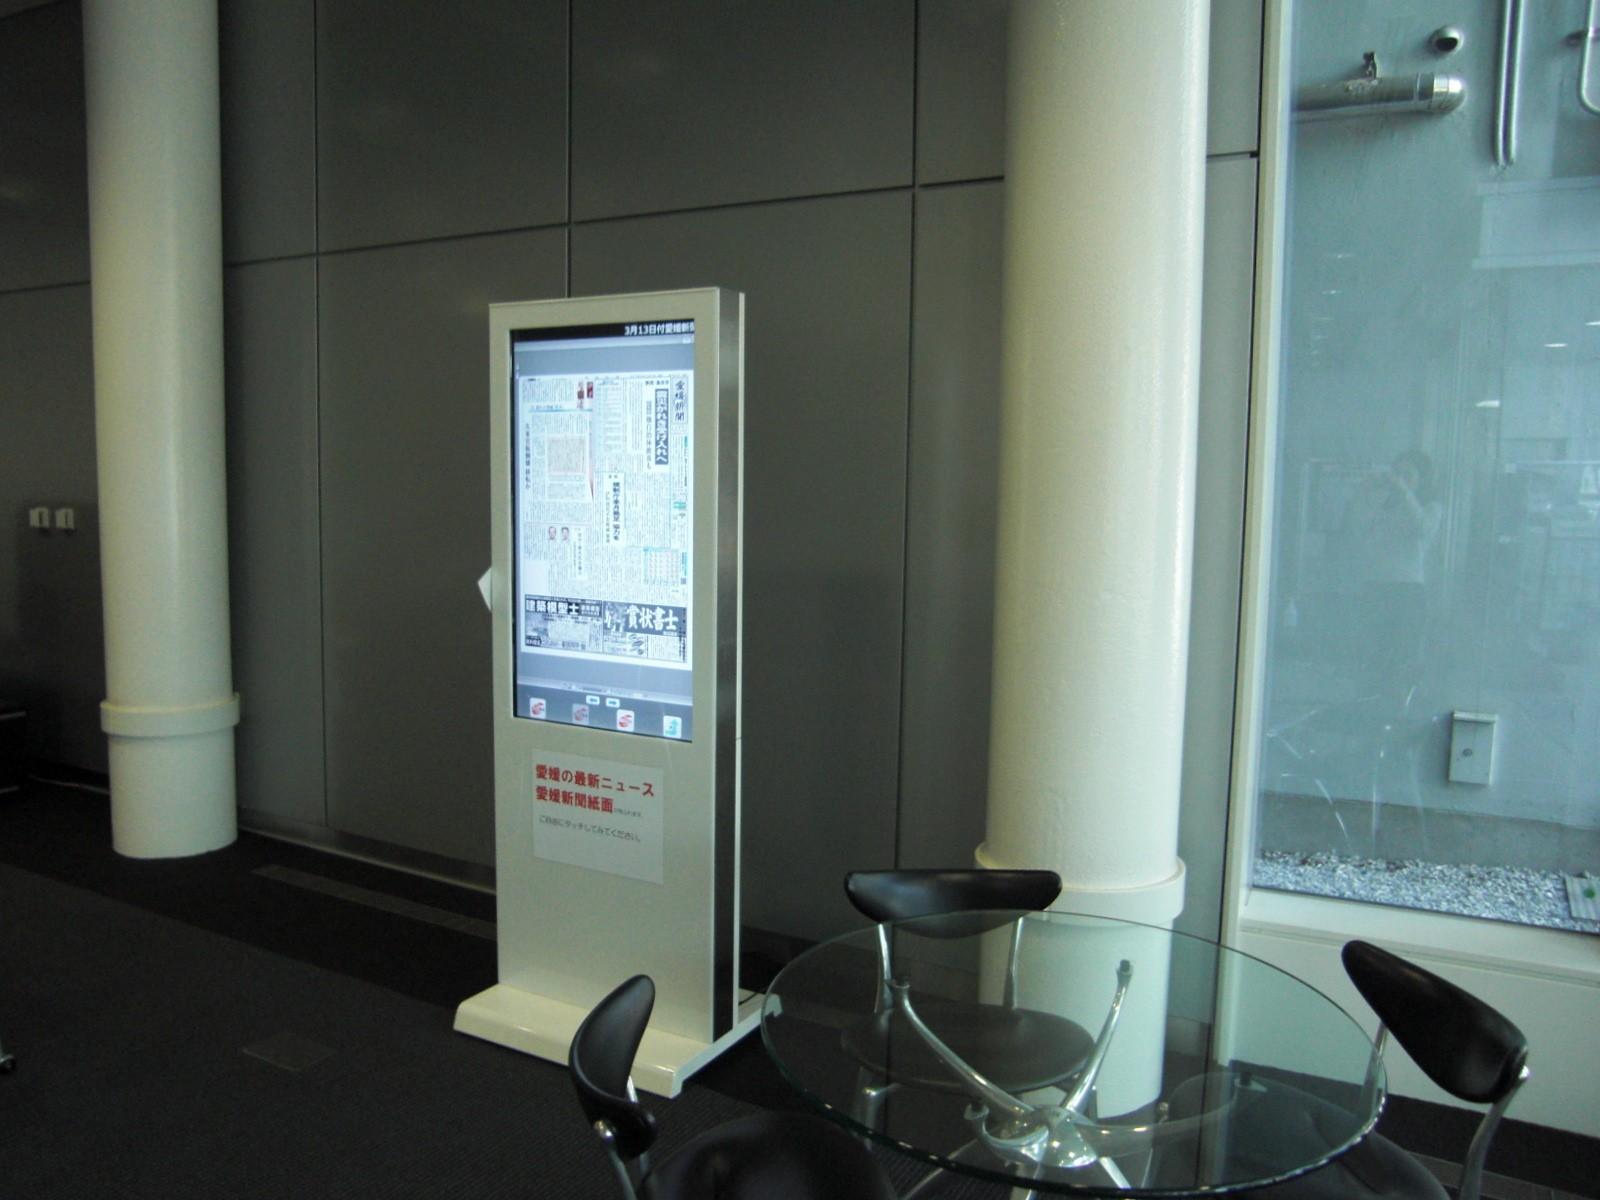 設置事例 デジタルサイネージ 46インチ タッチパネルスタンドタイプ 新聞社設置 事例